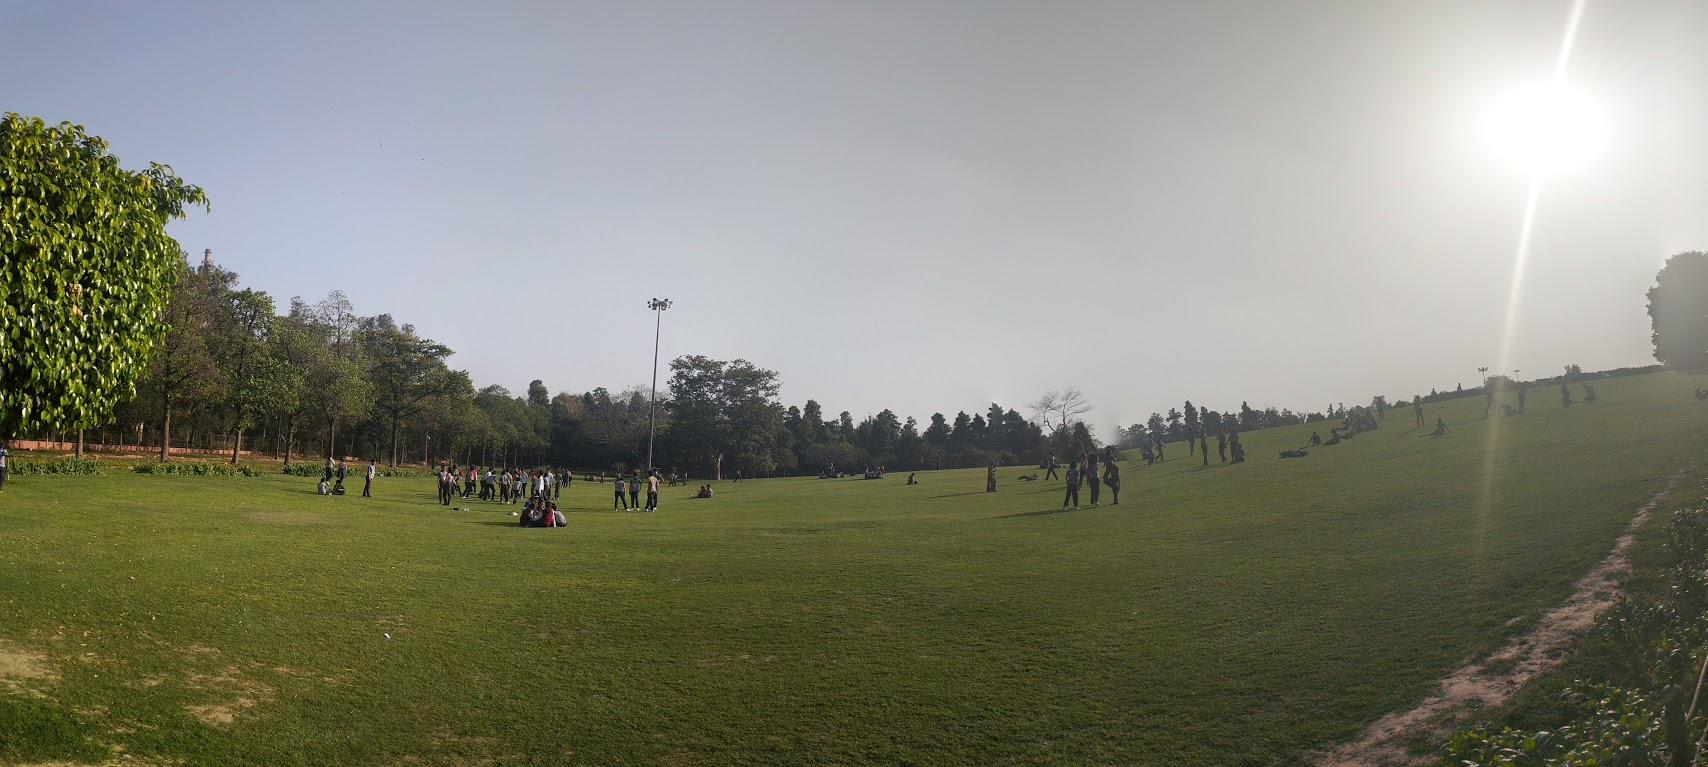 Spring in Delhi: Rajghat Panorama